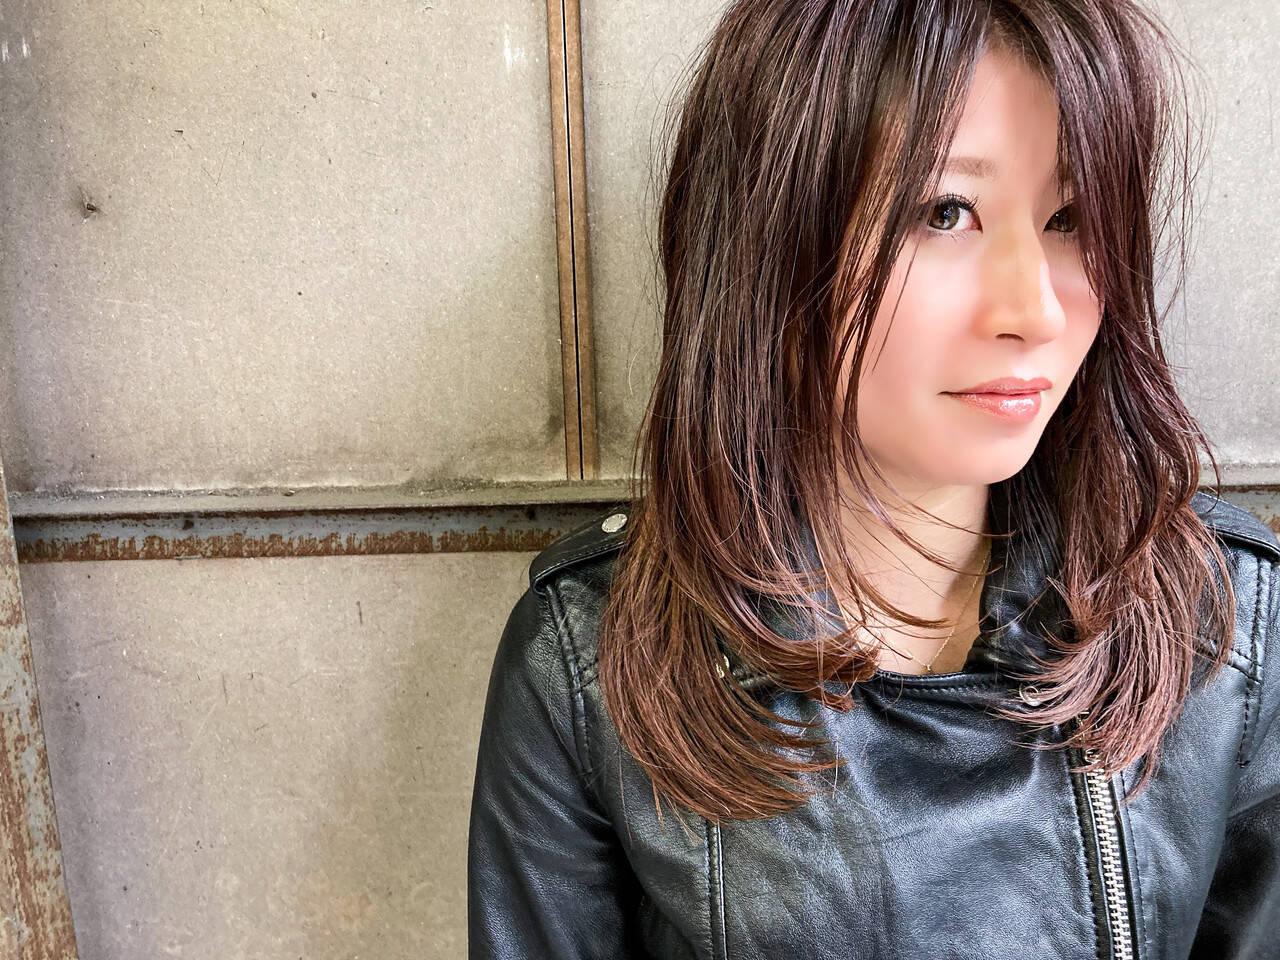 セミロング レイヤーロングヘア レイヤーカット レイヤーヘアーヘアスタイルや髪型の写真・画像